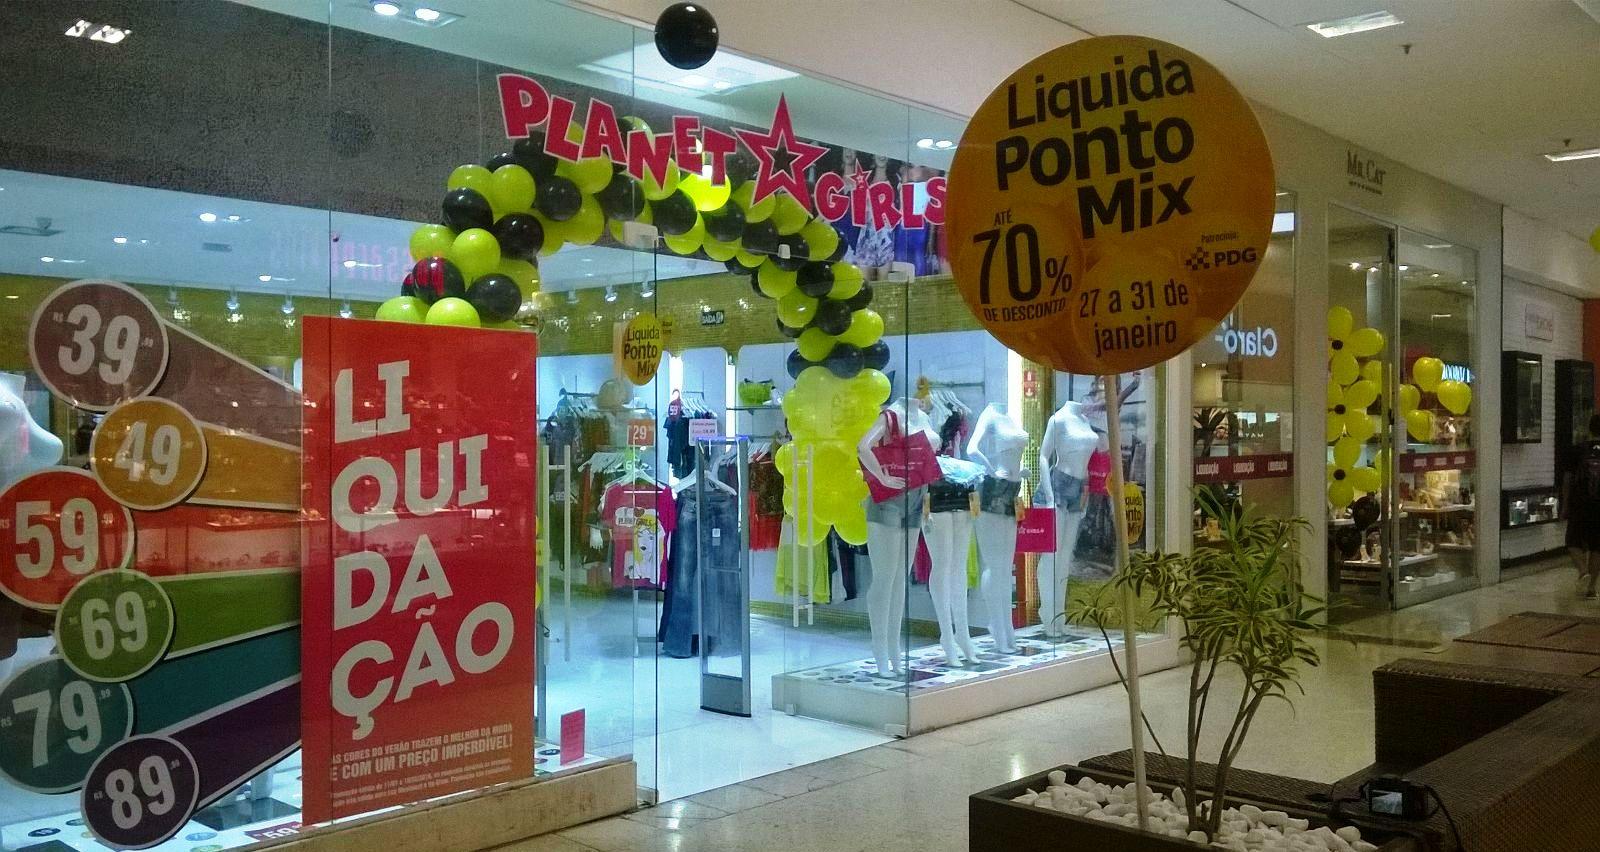 57be2041a66a4 Liquidação garante até 70% de desconto nas lojas do Shopping Piracicaba